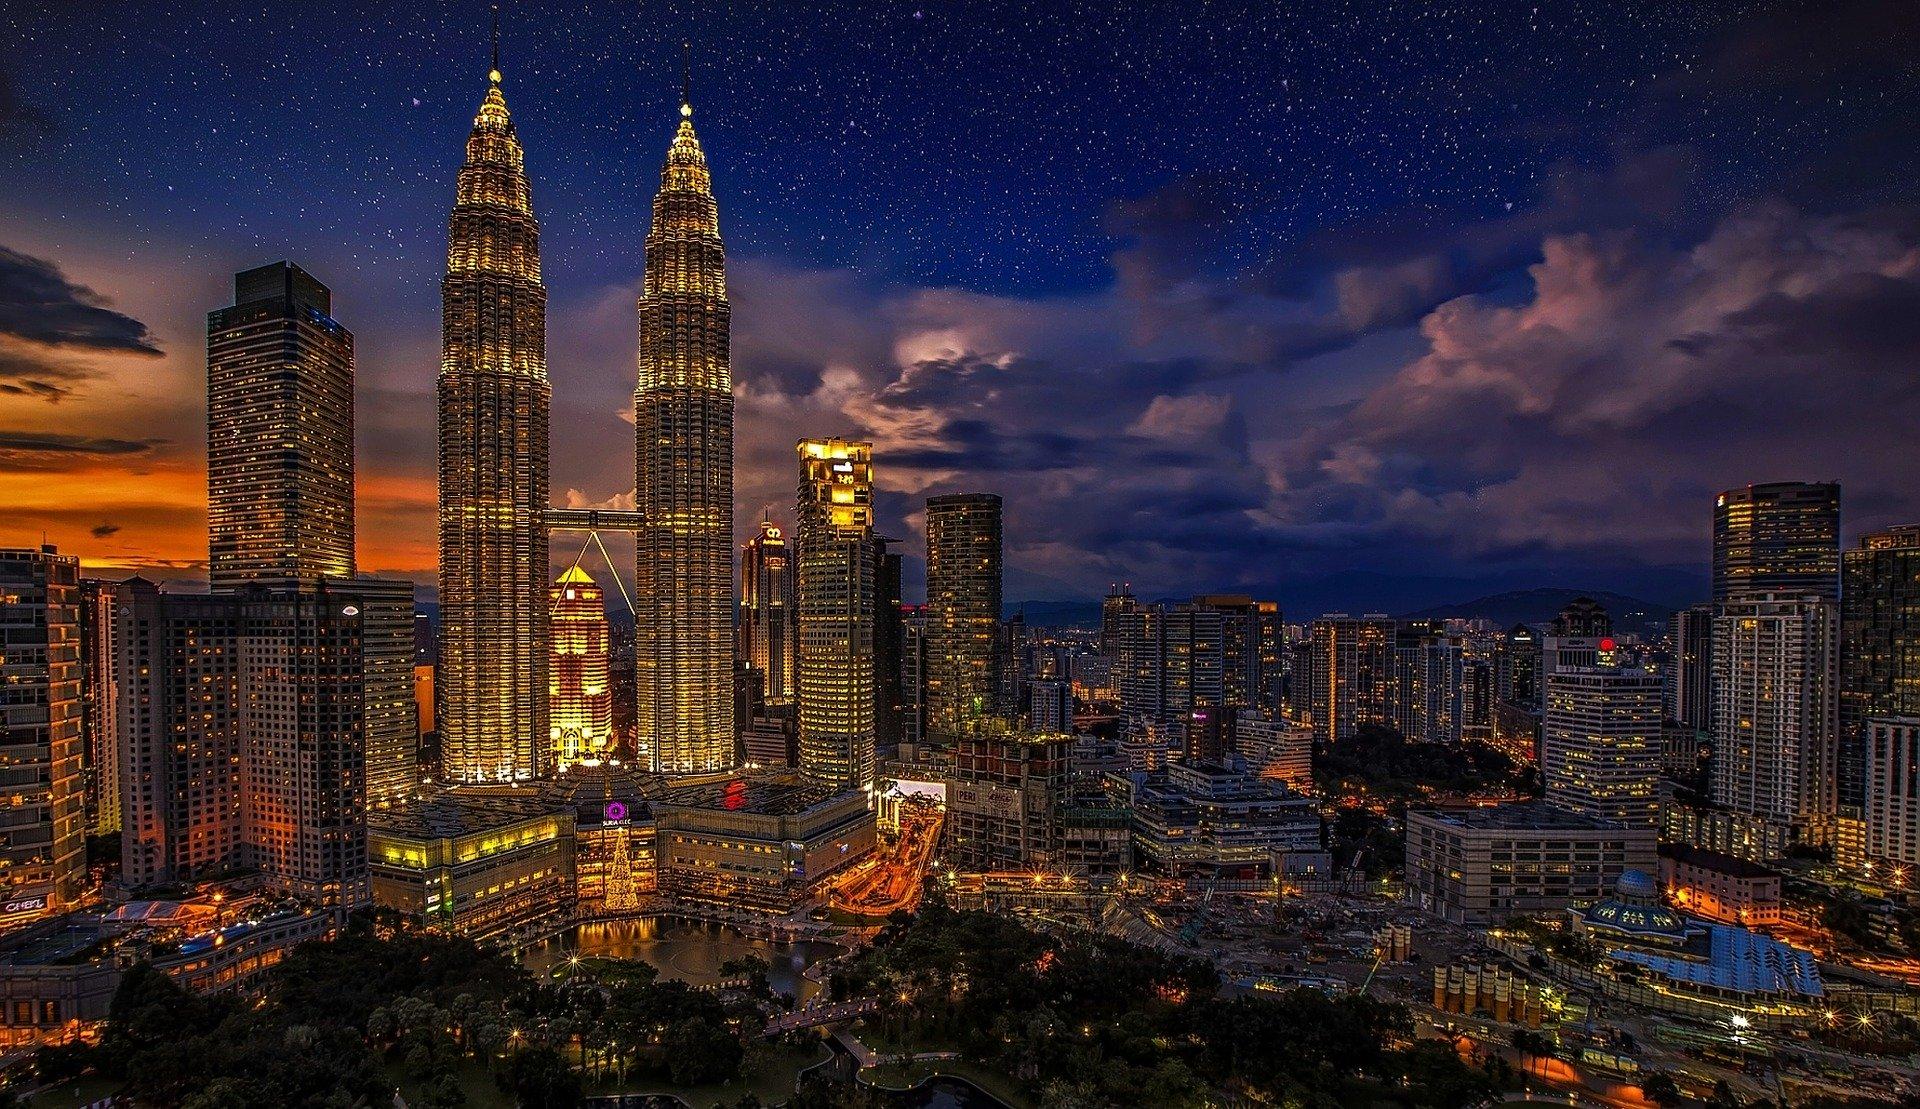 马来西亚伊斯兰教法对加密交易开放,但完全采用的可能性很小 0001